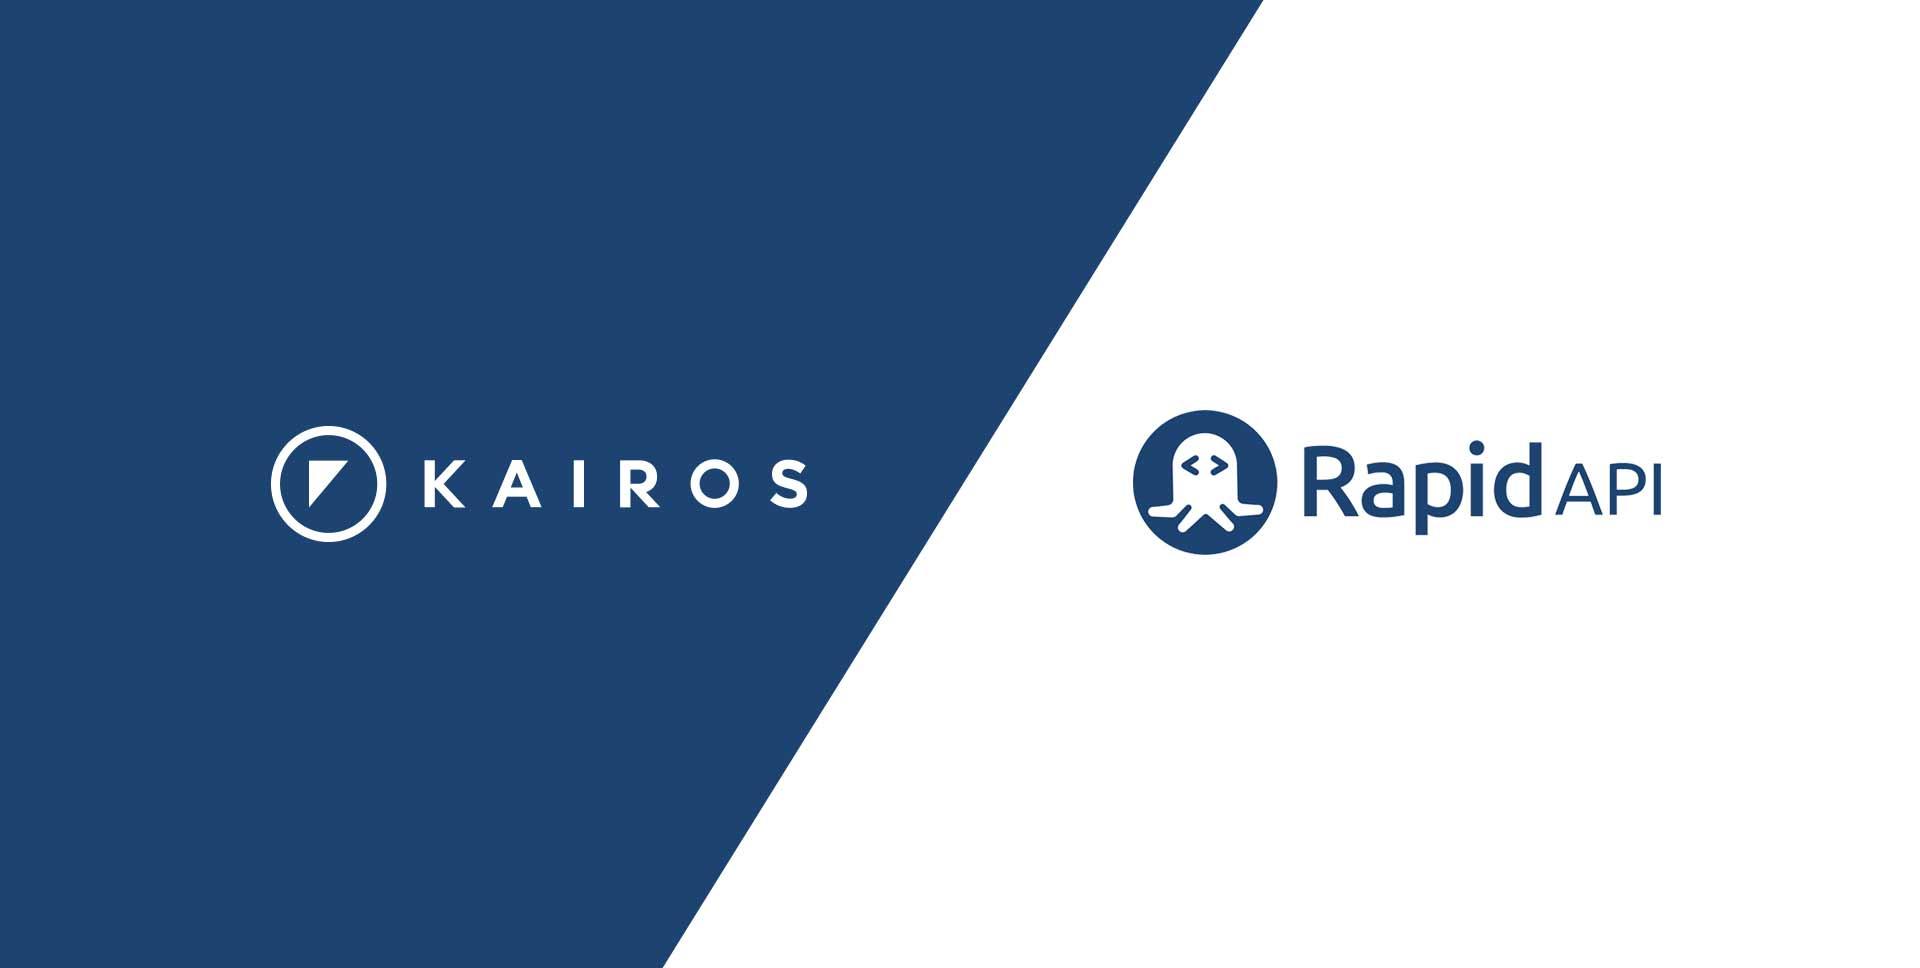 Kairos Announces New Partnership With RapidAPI, Bringing